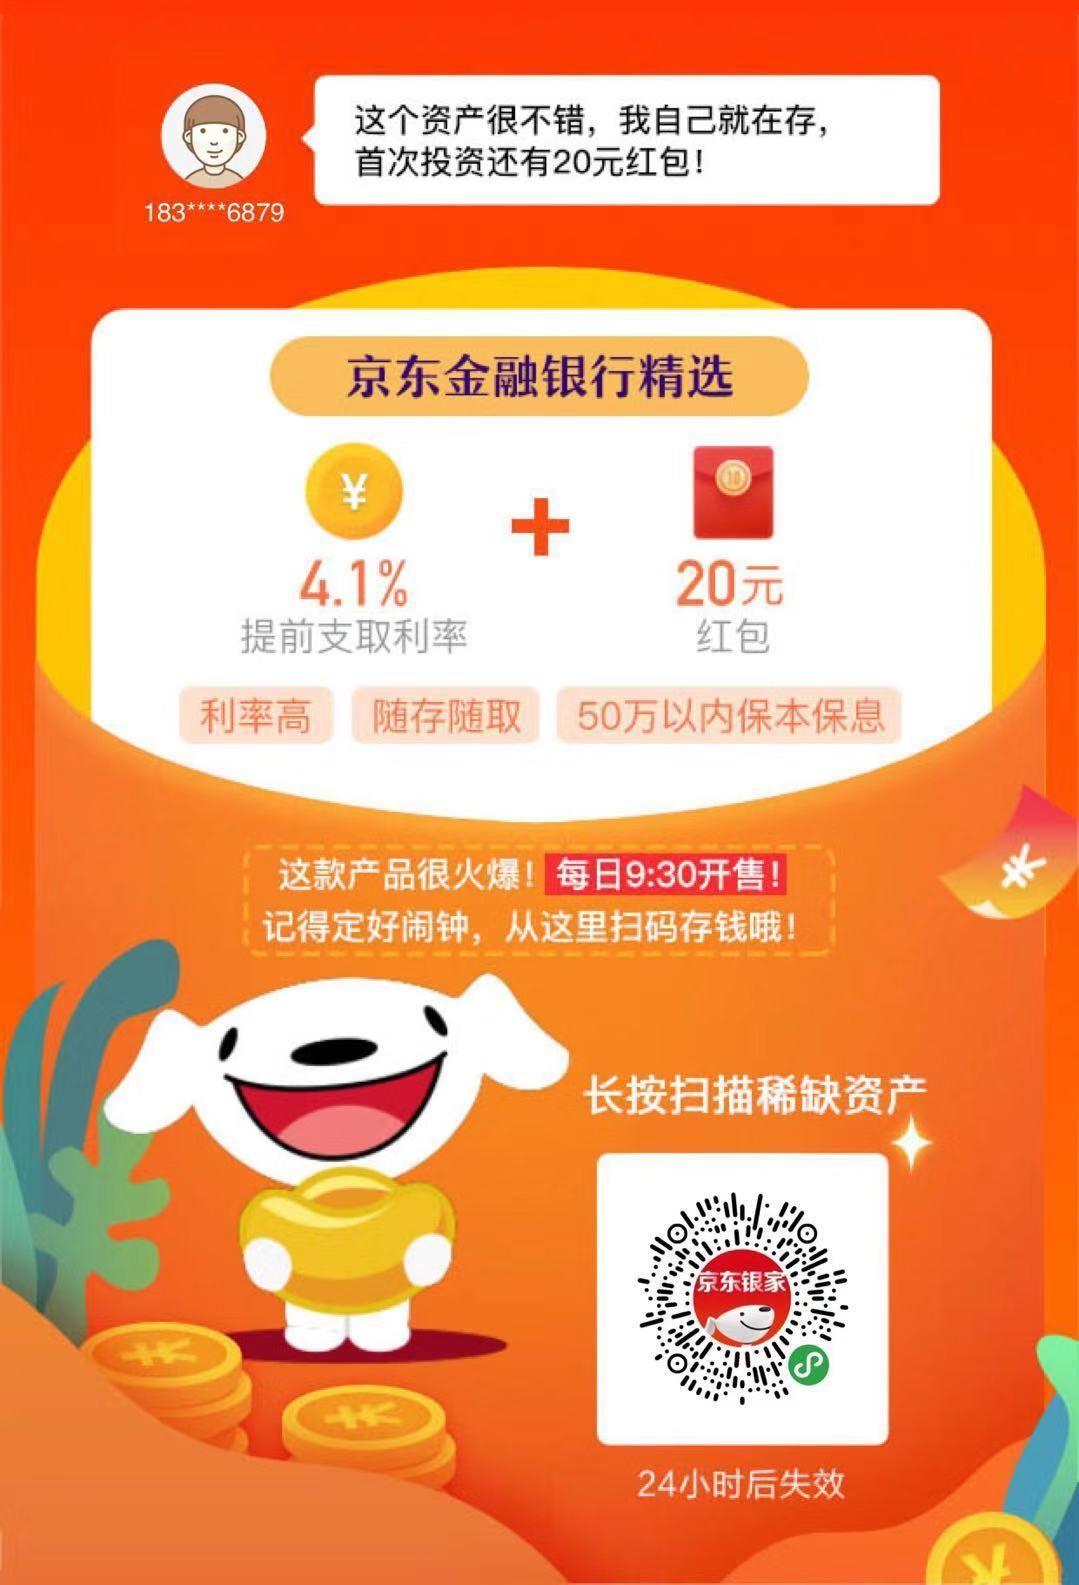 零钱30元左右+28元京东E卡+腾讯视频会员最高31天!